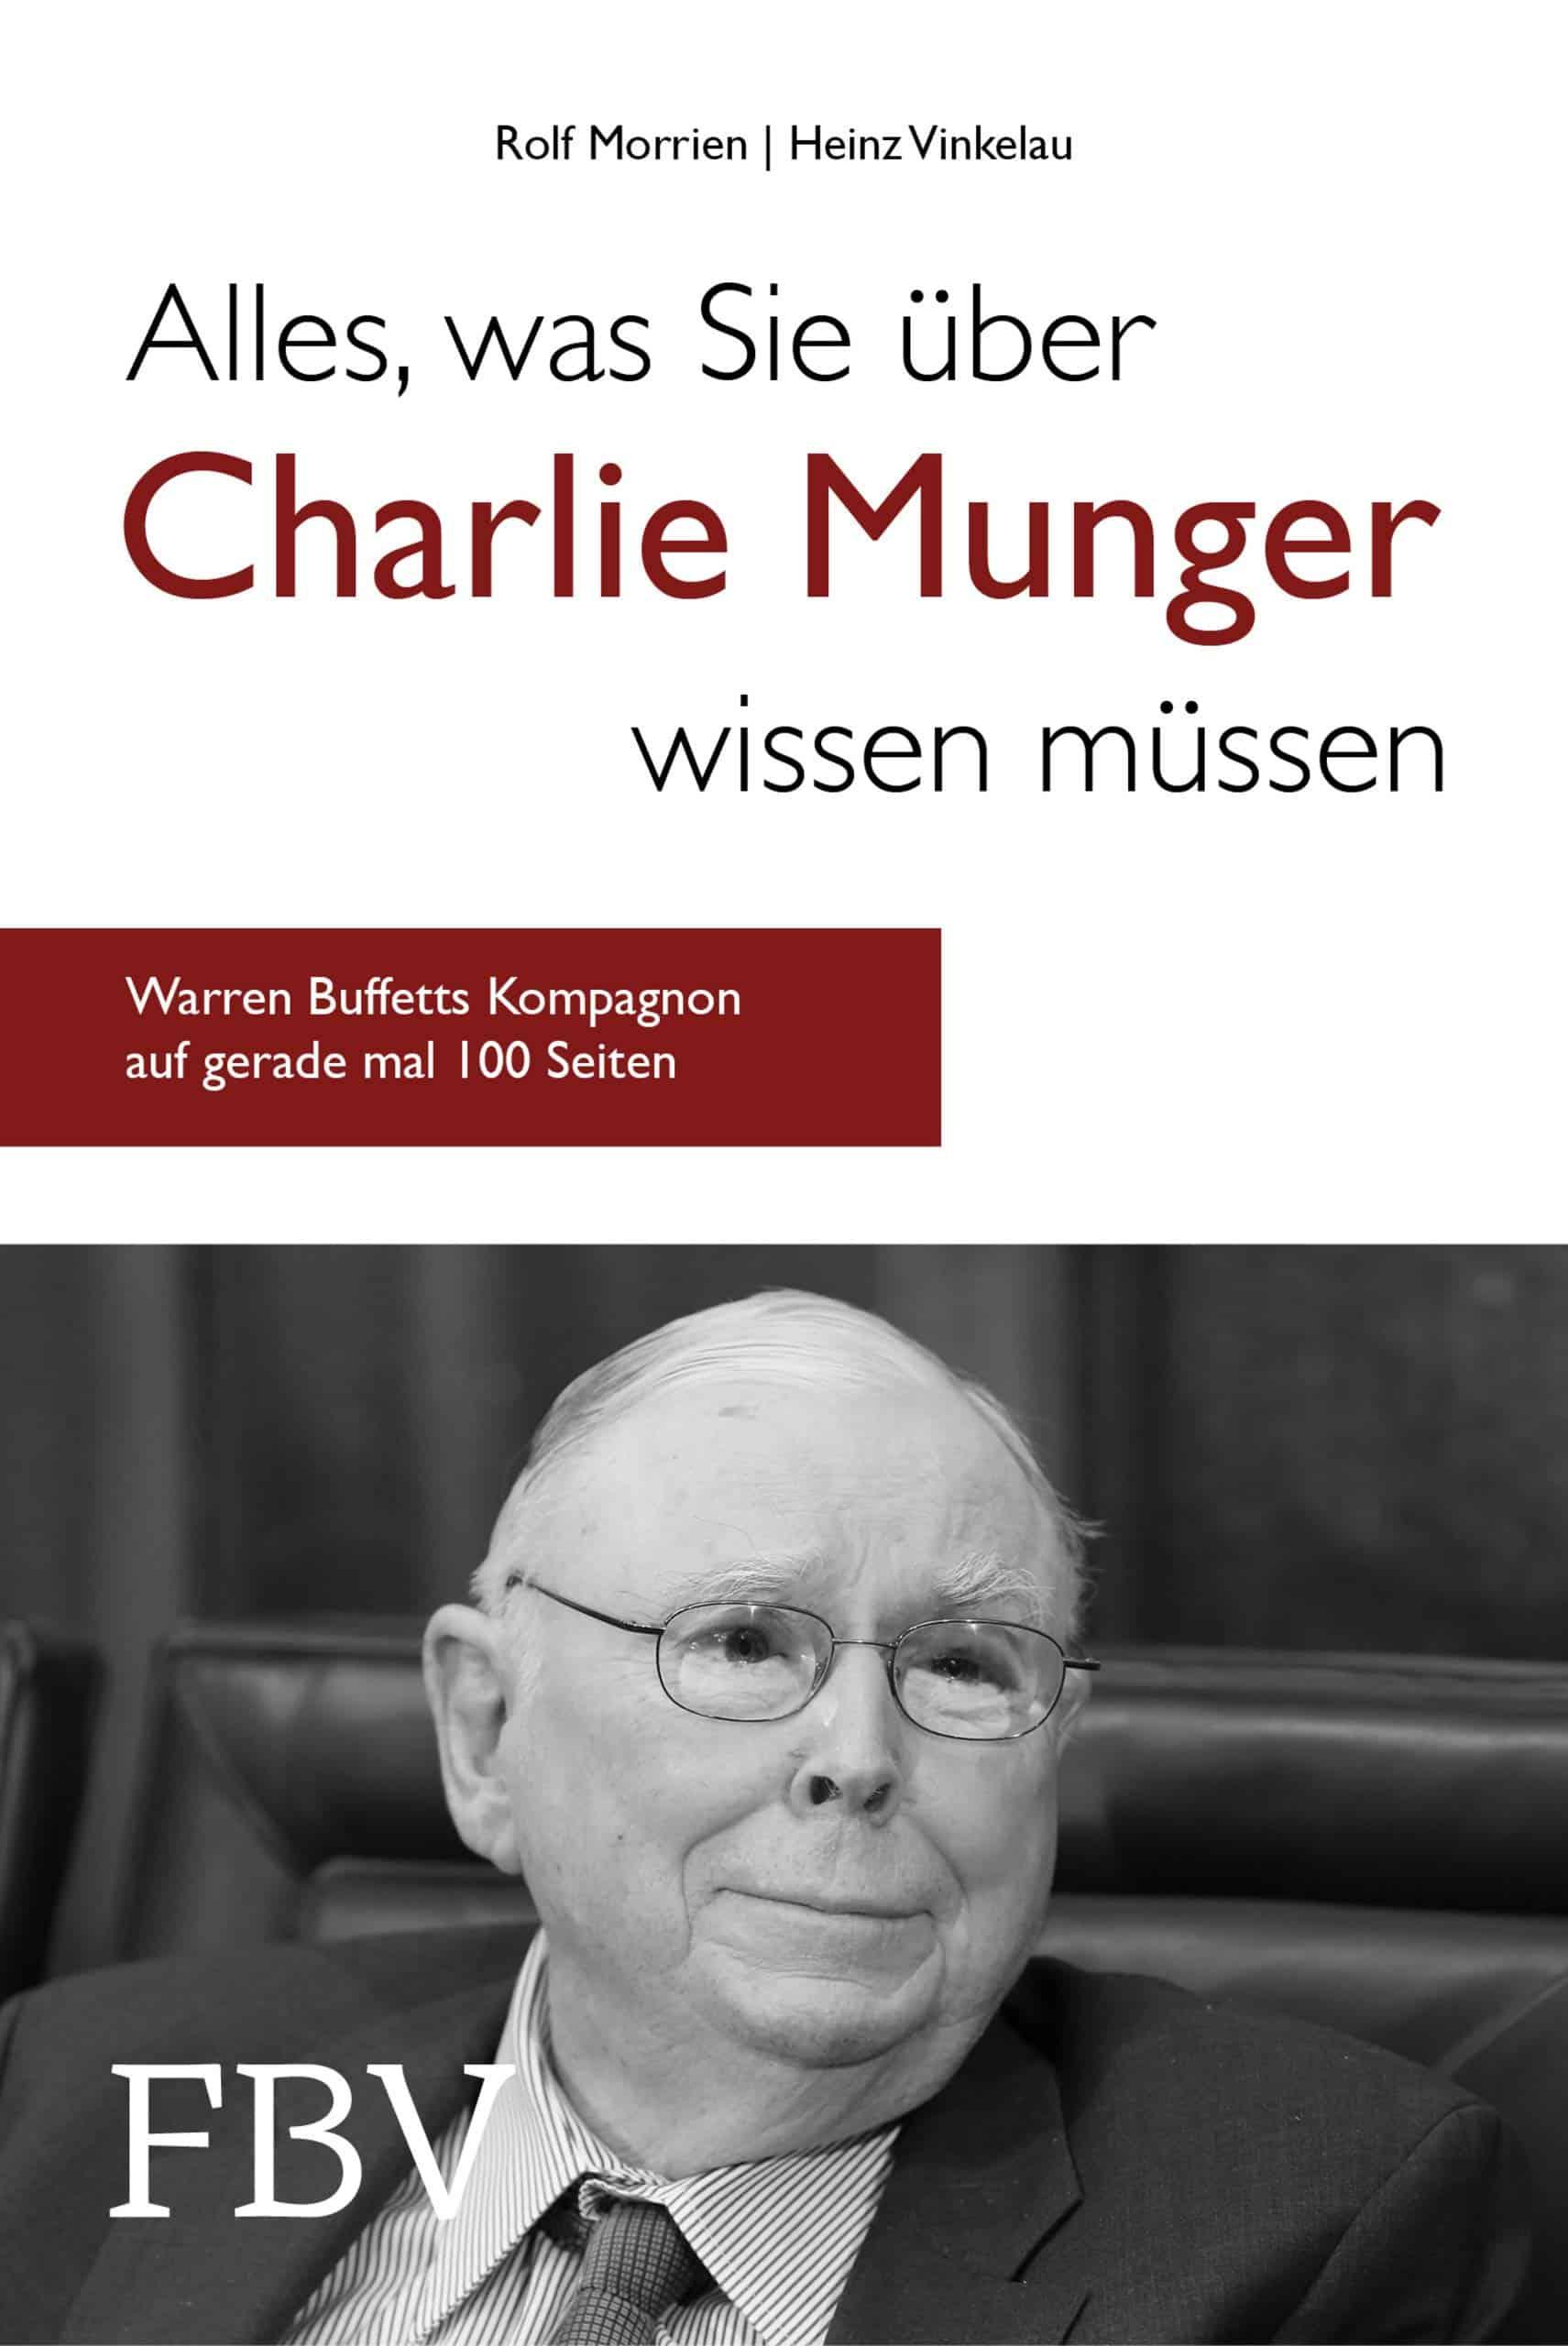 Alles_über_Charlie_Munger